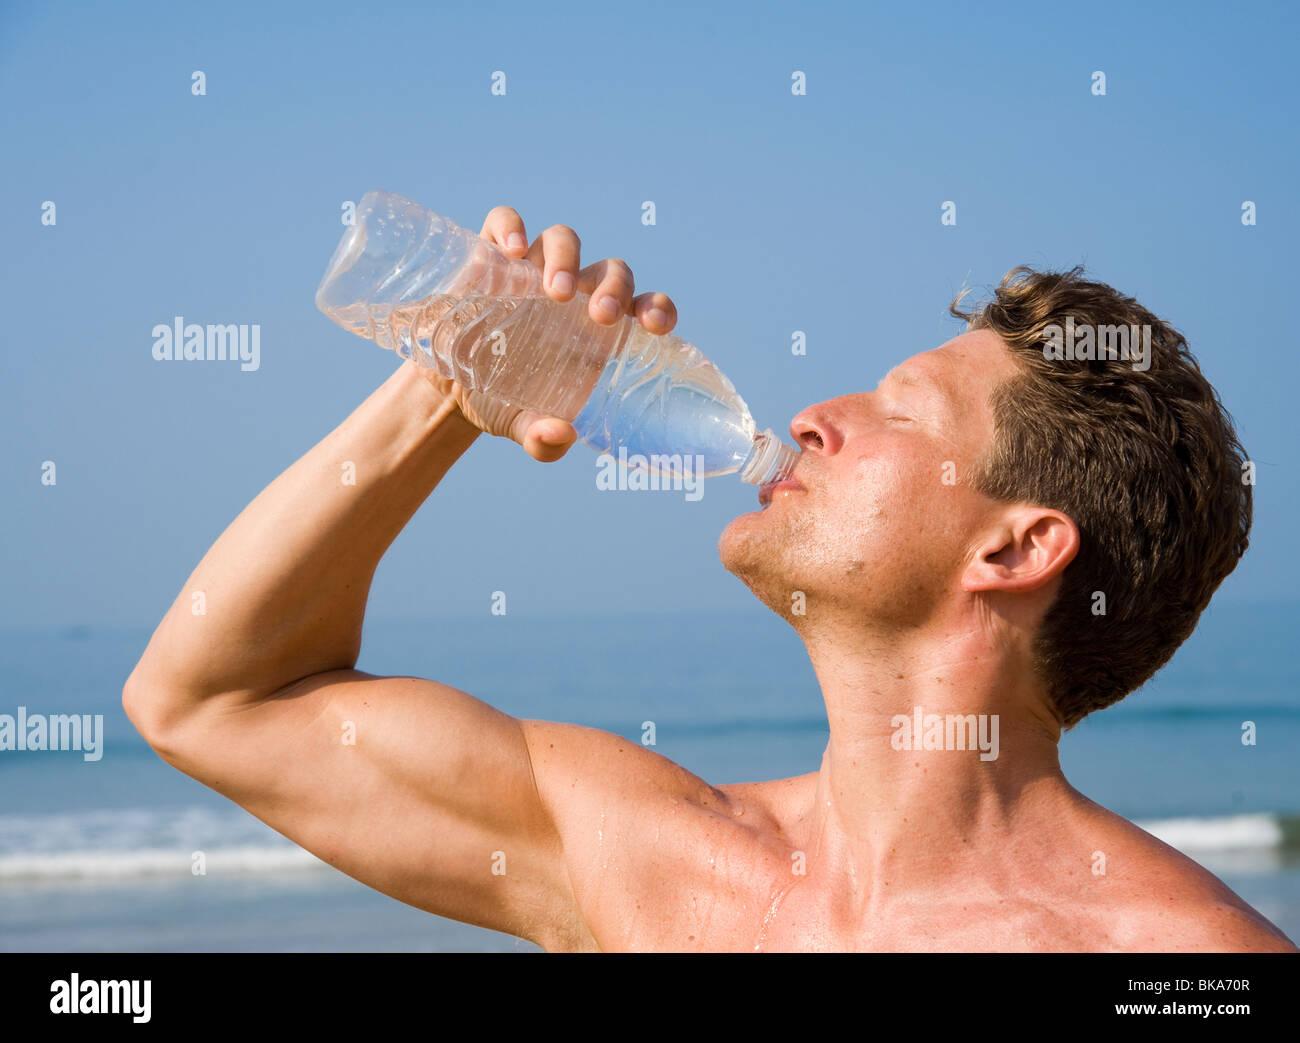 Un hombre que bebía agua embotellada en una playa Imagen De Stock